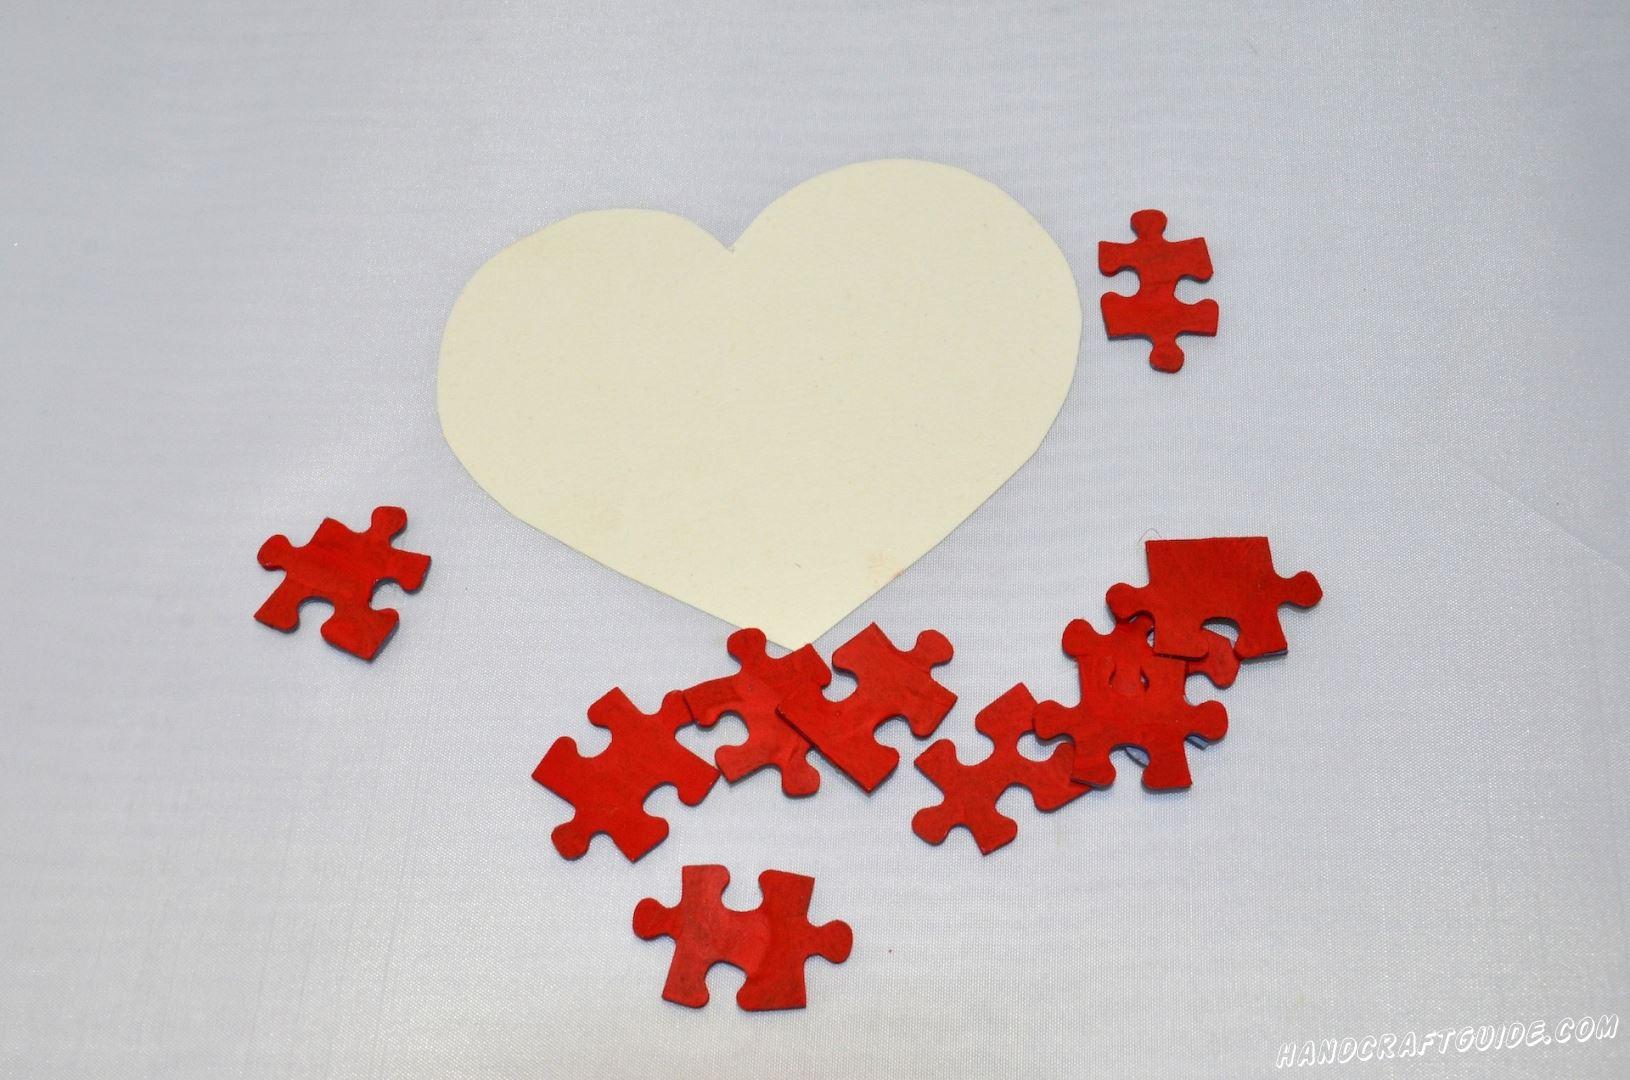 Из картона вырезаем сердце, любого размера, которого вам захочеться, главное, чтоб пазлов хватило.